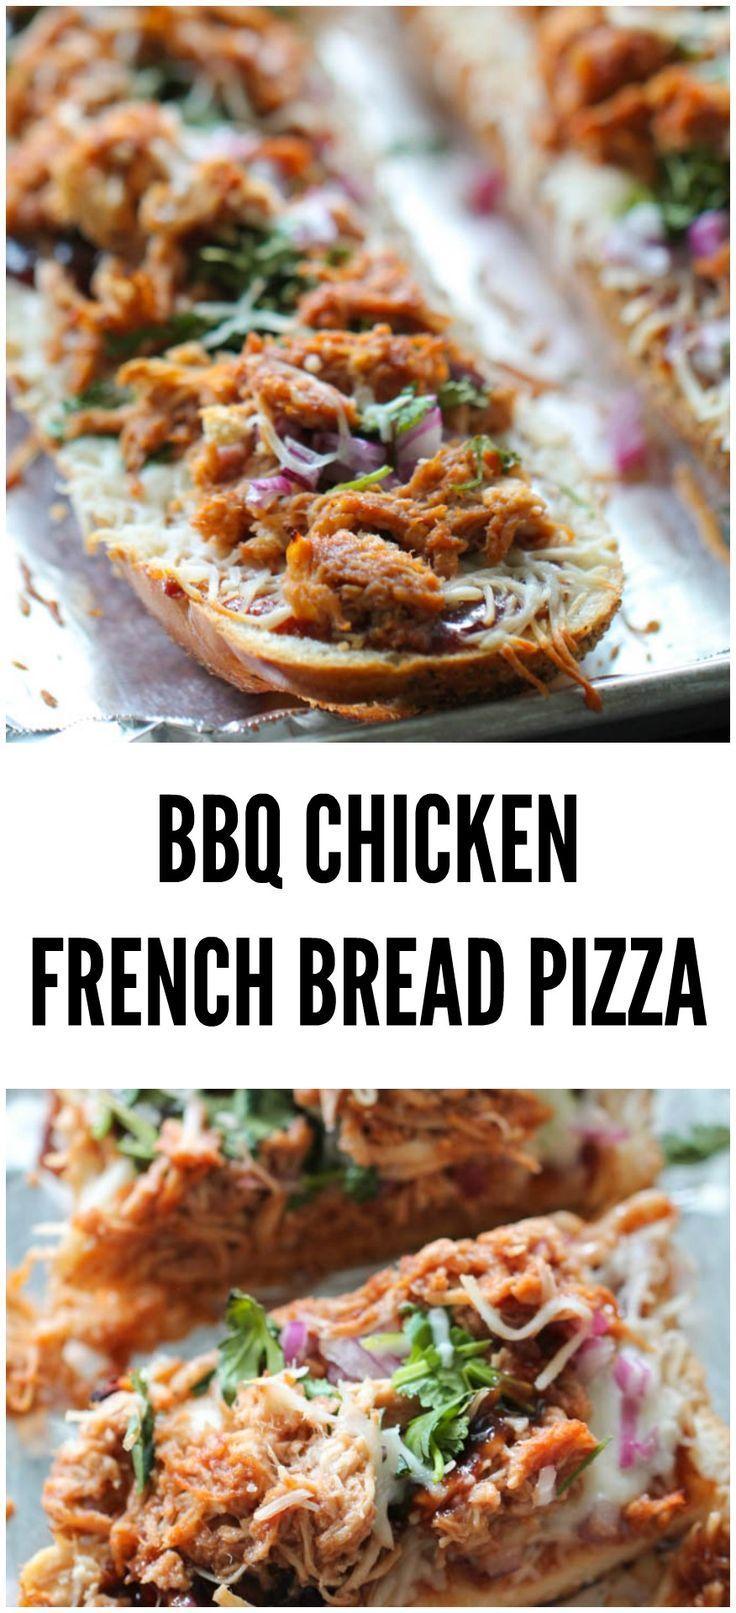 BBQ Chicken French Bread Pizza Recipe